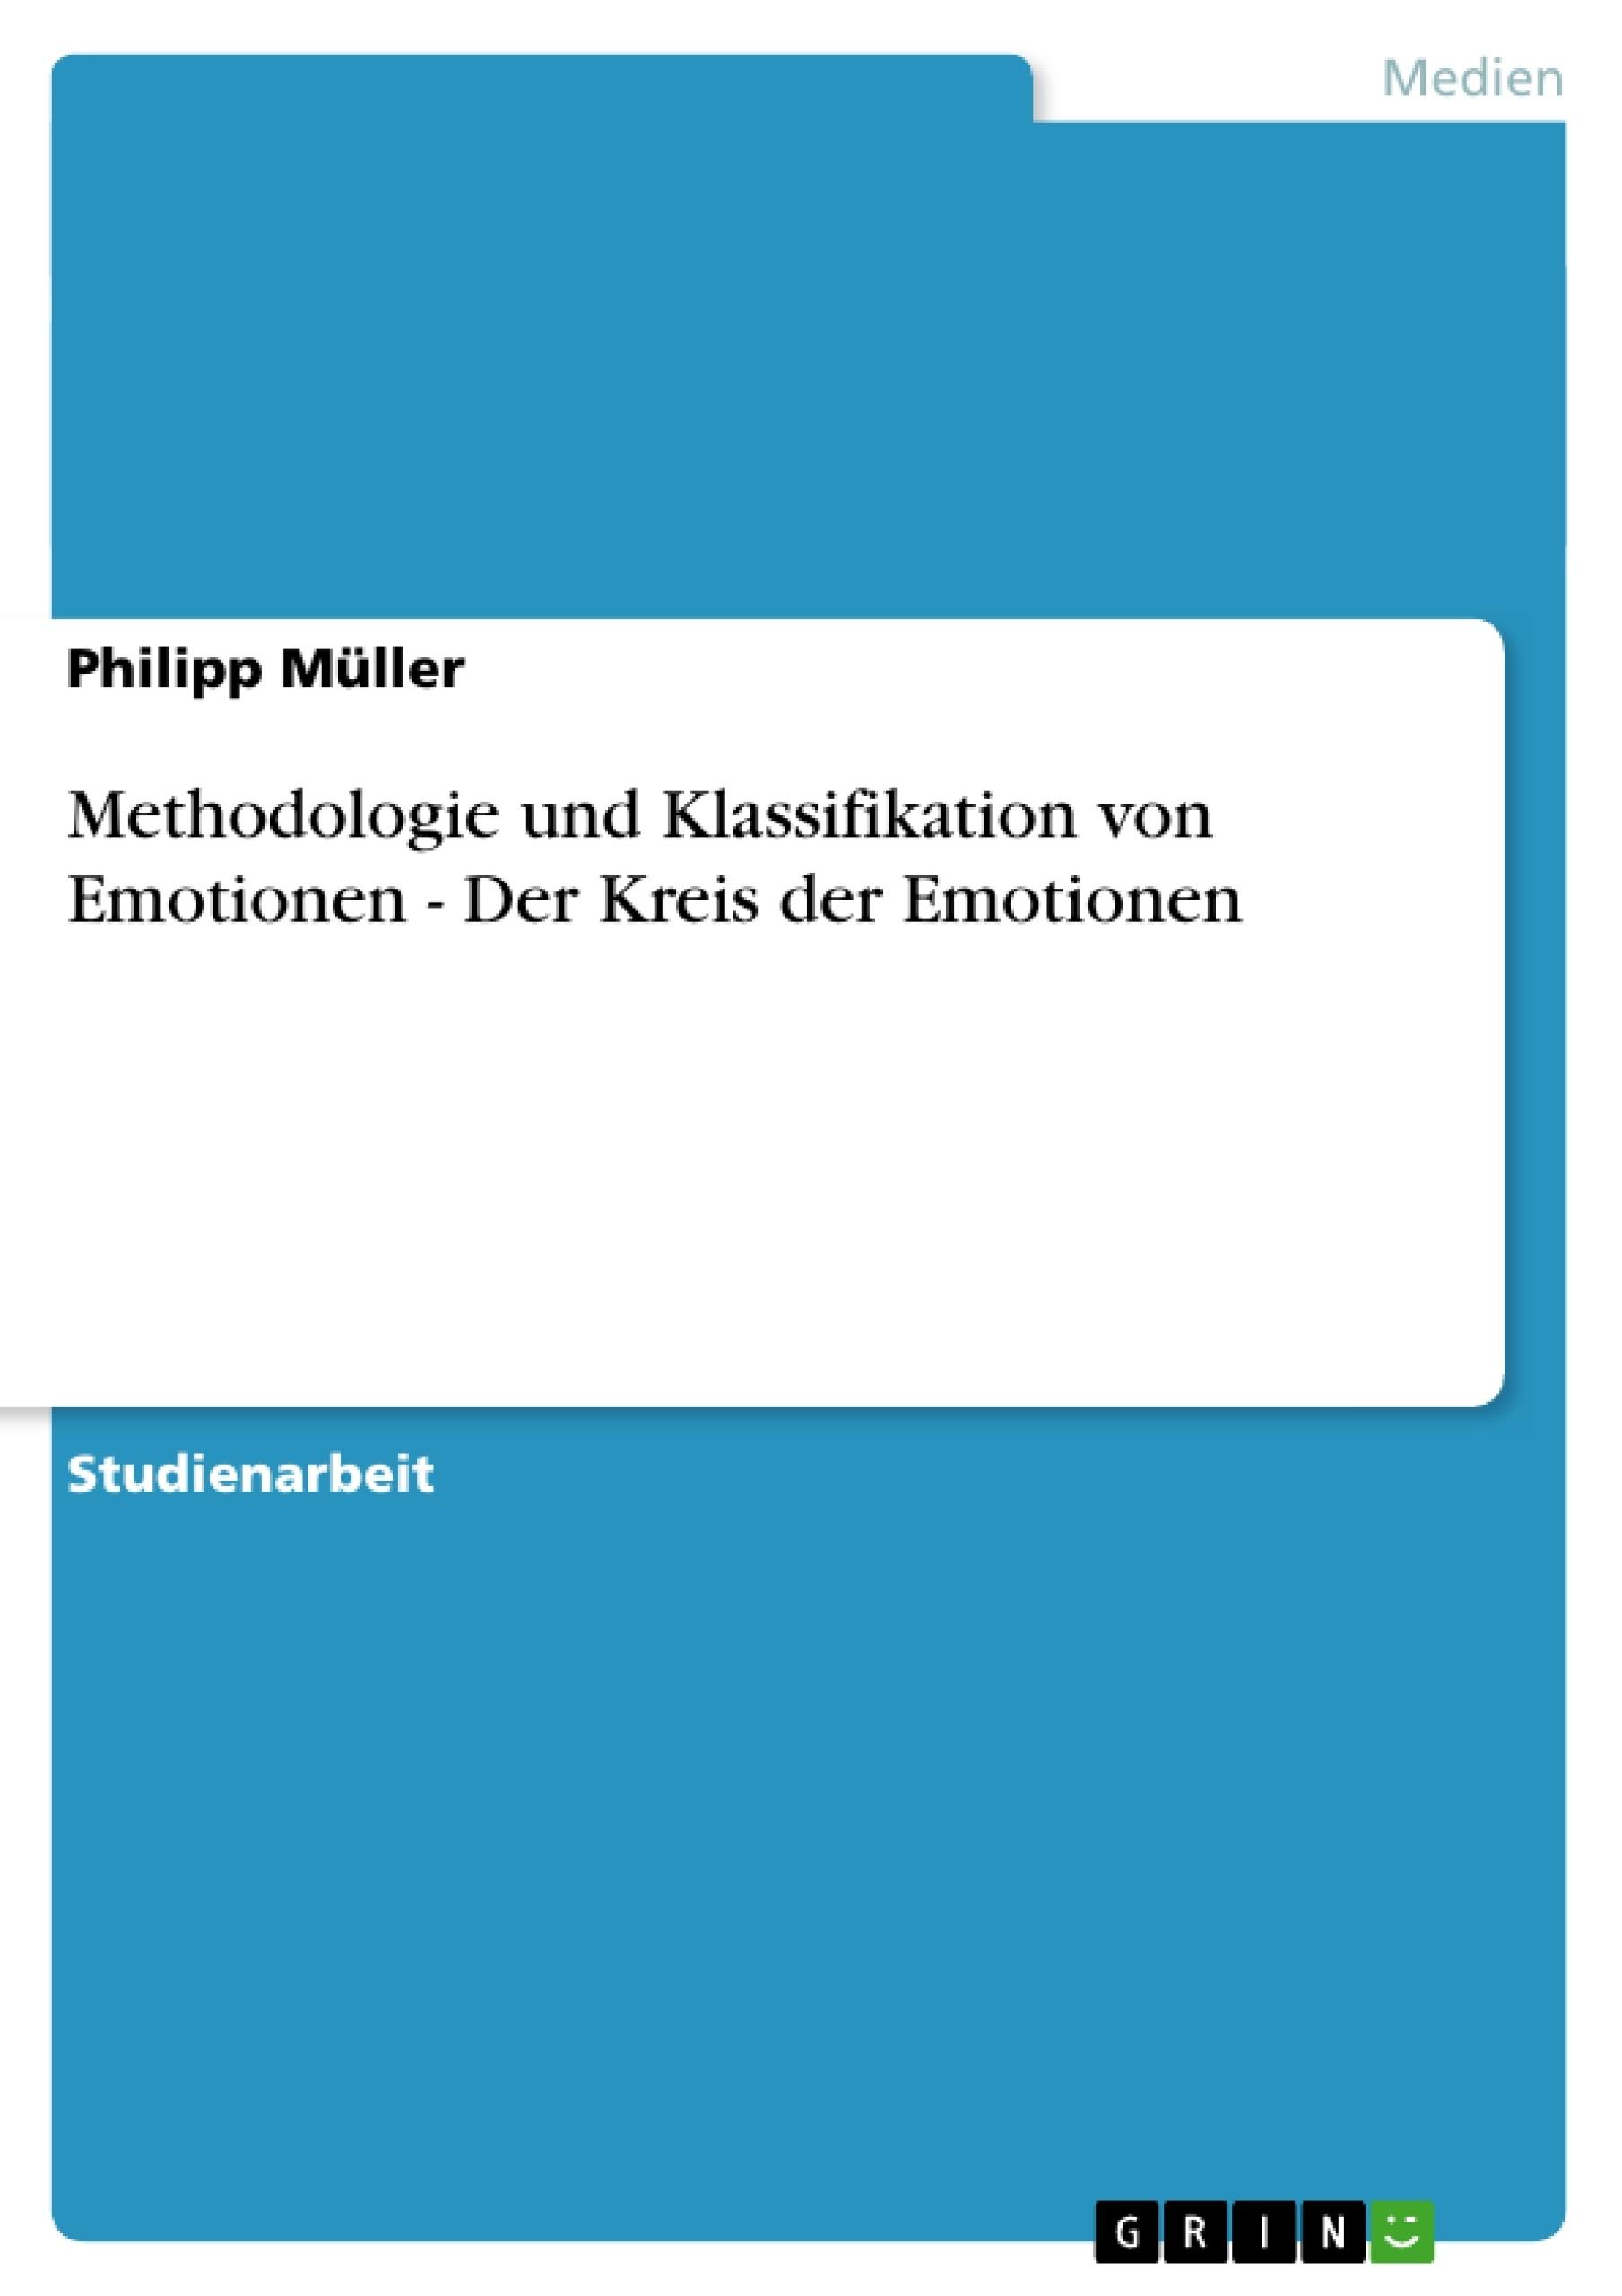 Titel: Methodologie und Klassifikation von Emotionen - Der Kreis der Emotionen